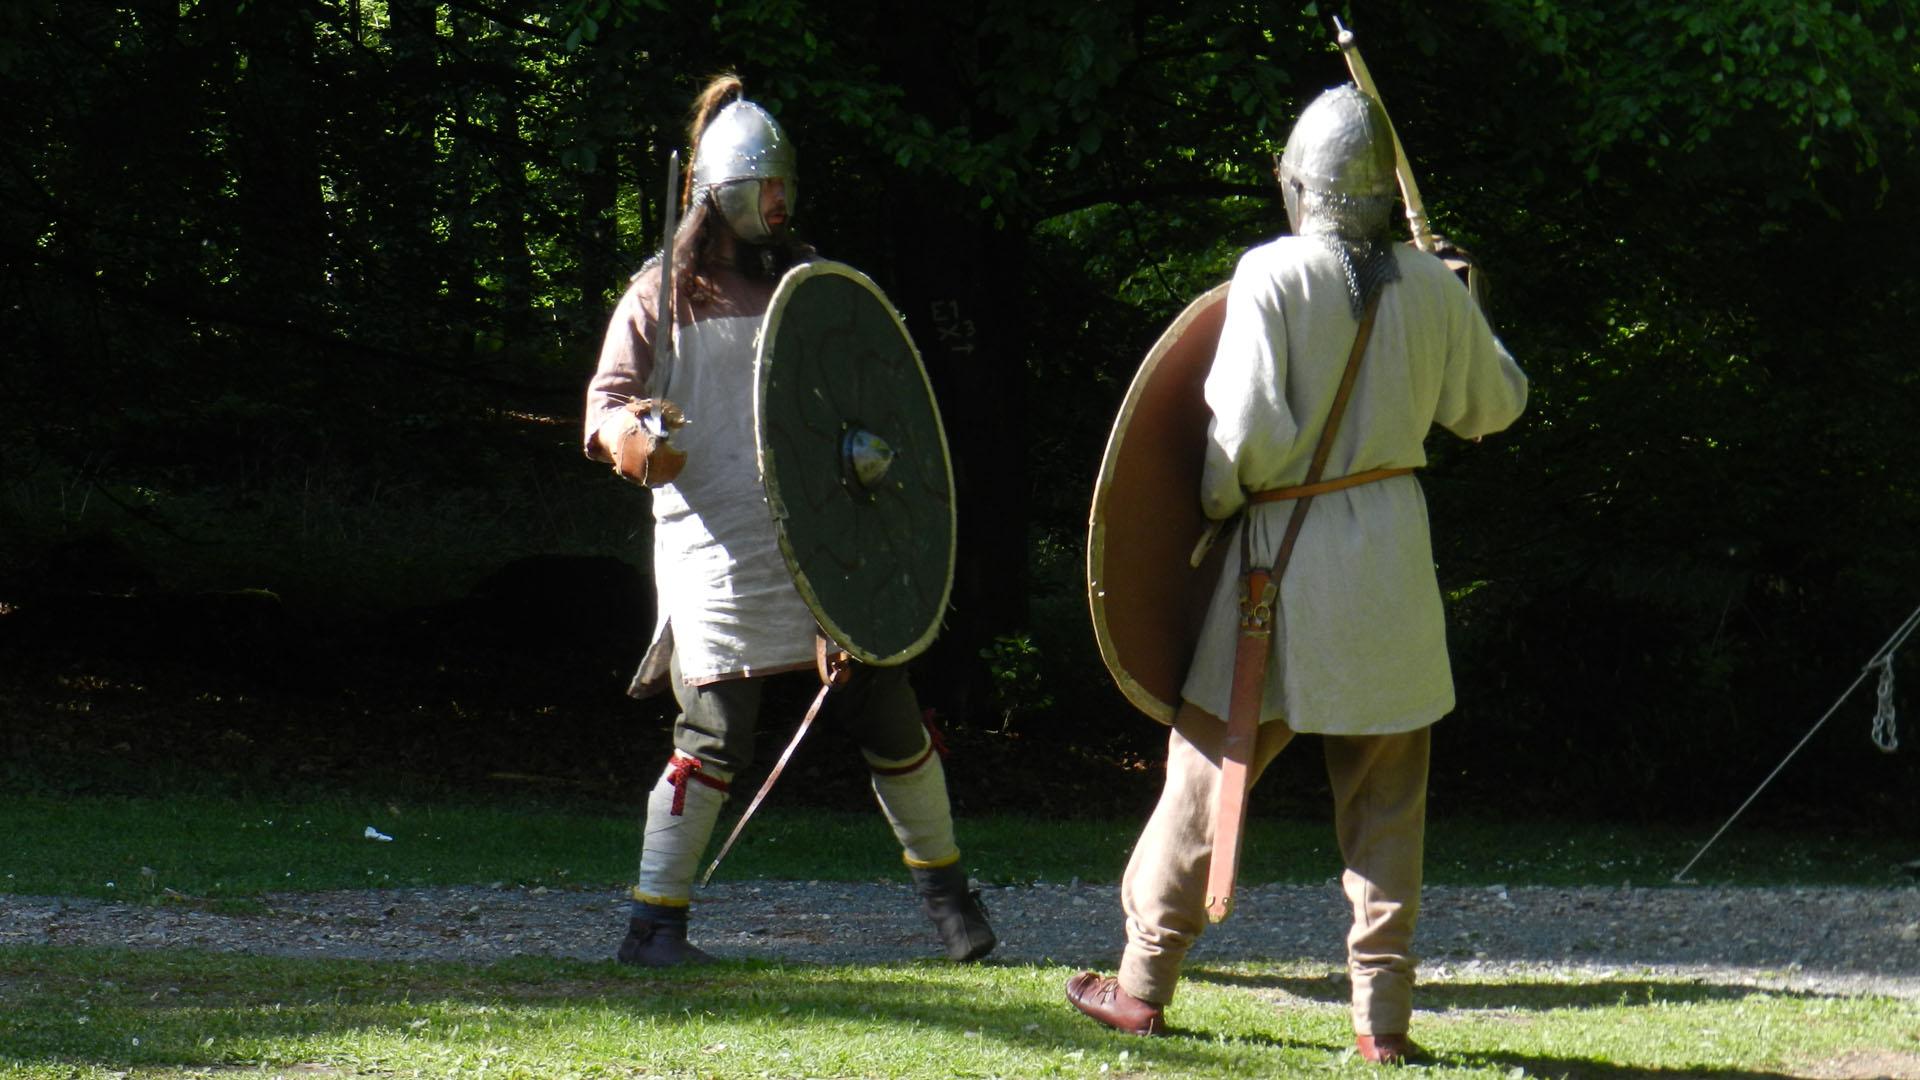 Schlacht am Teutoburger Wald